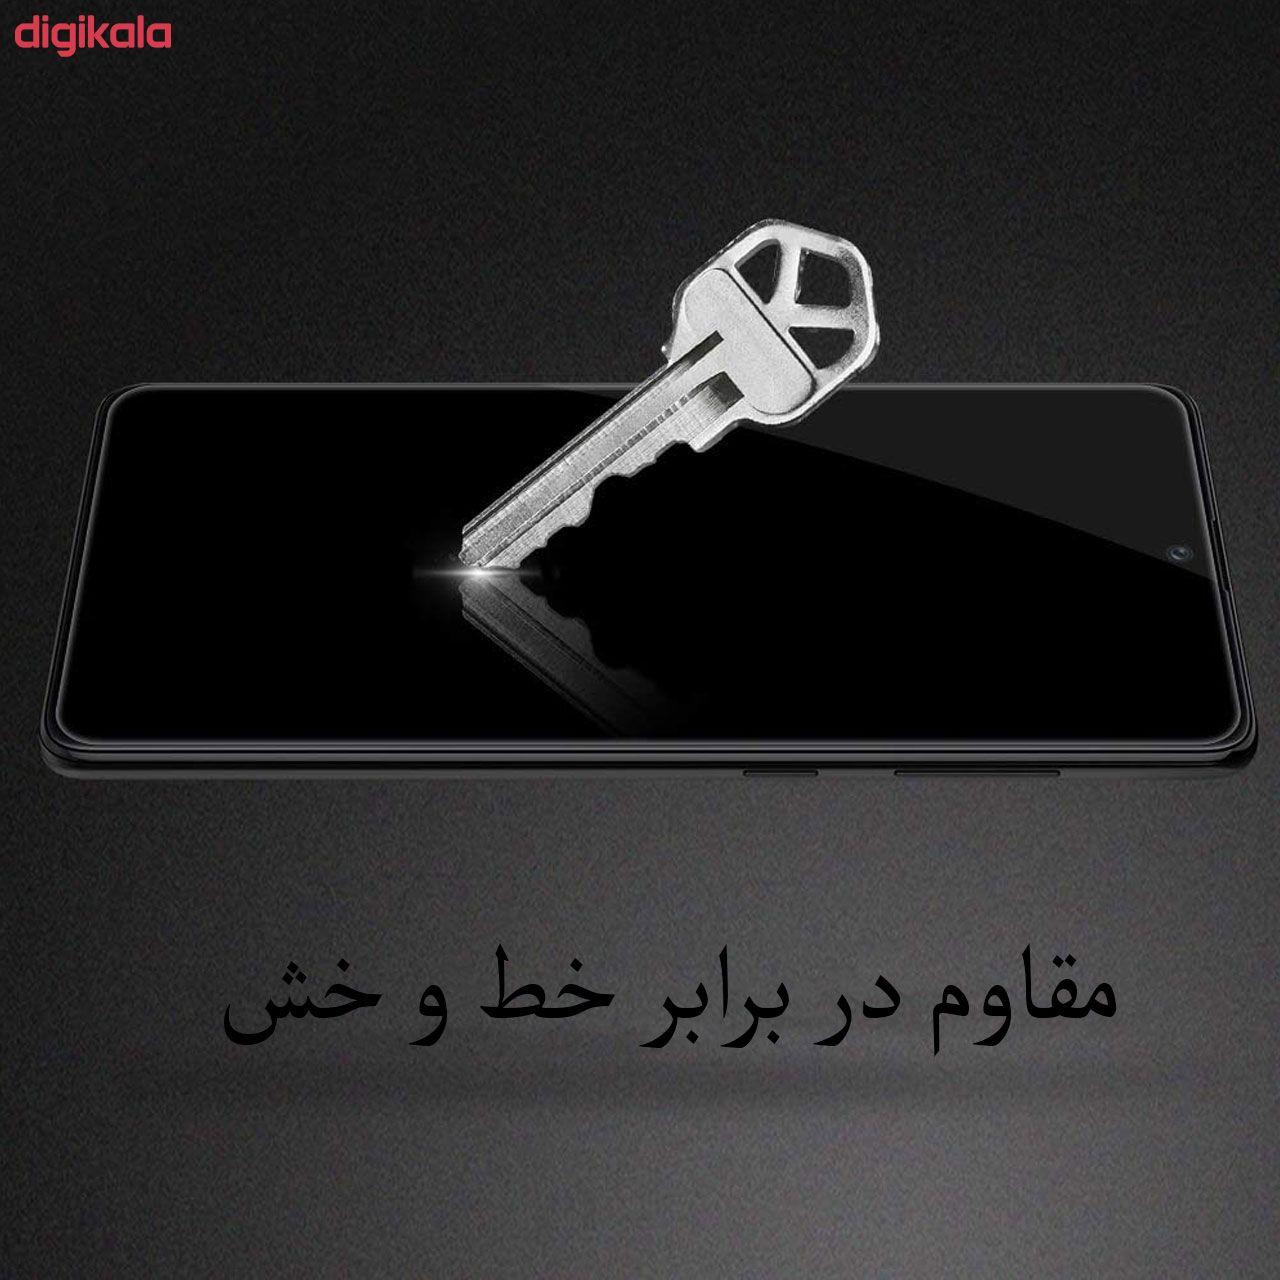 محافظ صفحه نمایش مدل FCG مناسب برای گوشی موبایل شیائومی Redmi Note 9 Pro main 1 7